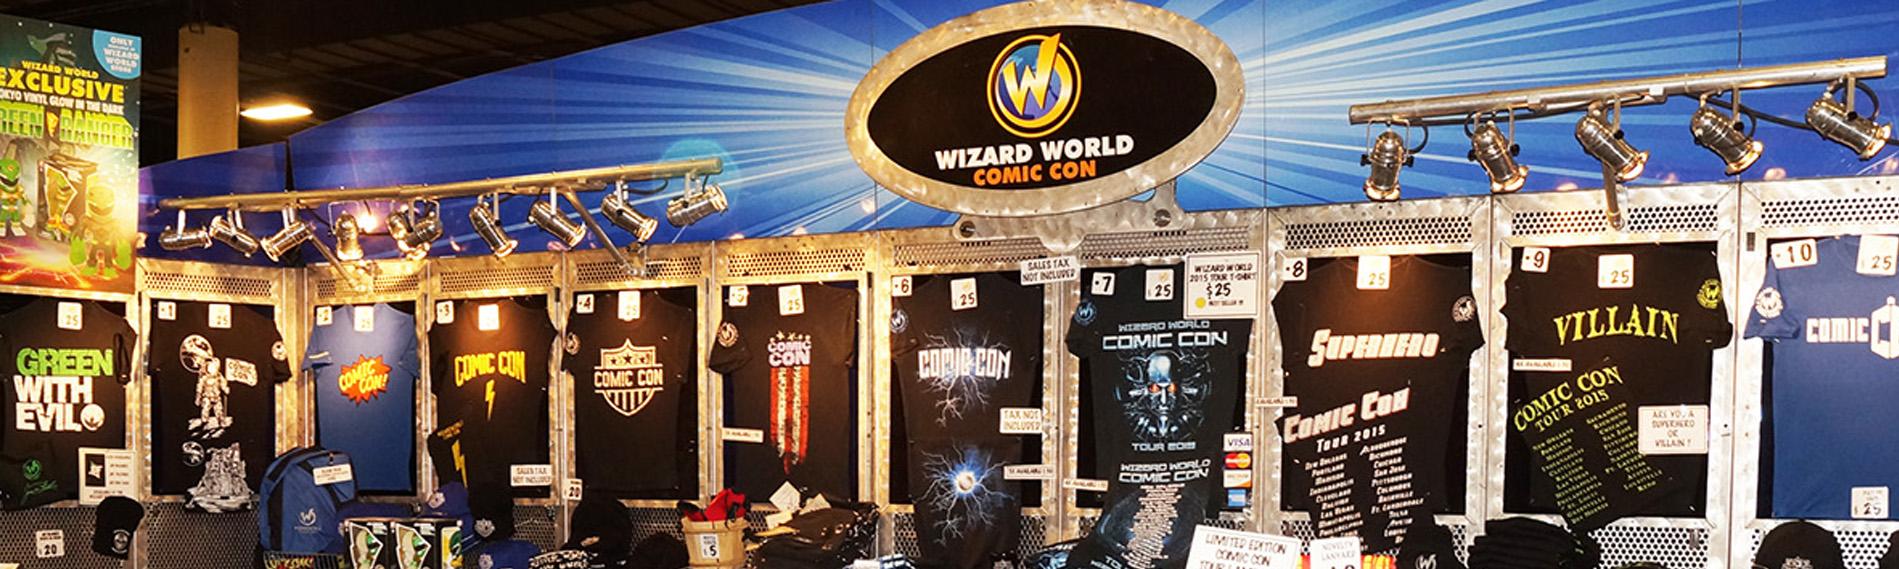 William Shatner y Lou Ferrigno brillaron en una nueva edición de Wizard World en la Florida